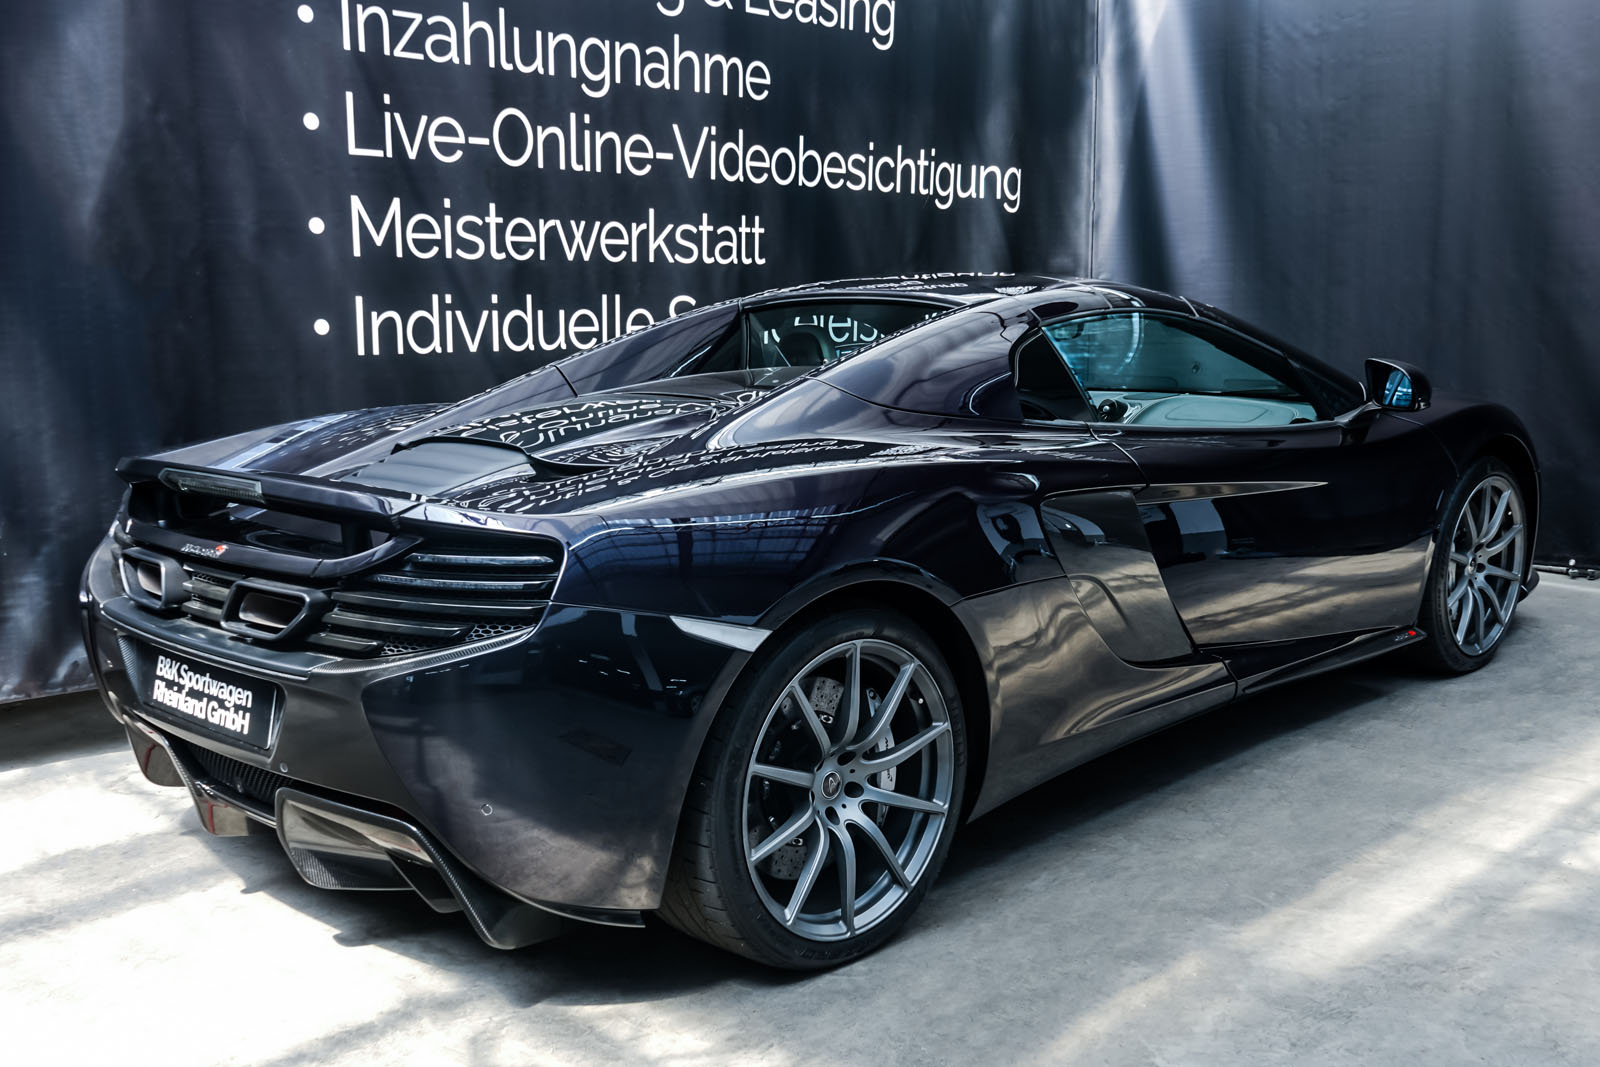 McLaren_650S_Spider_Schwarz_Weiß_MCL-6007_23_w